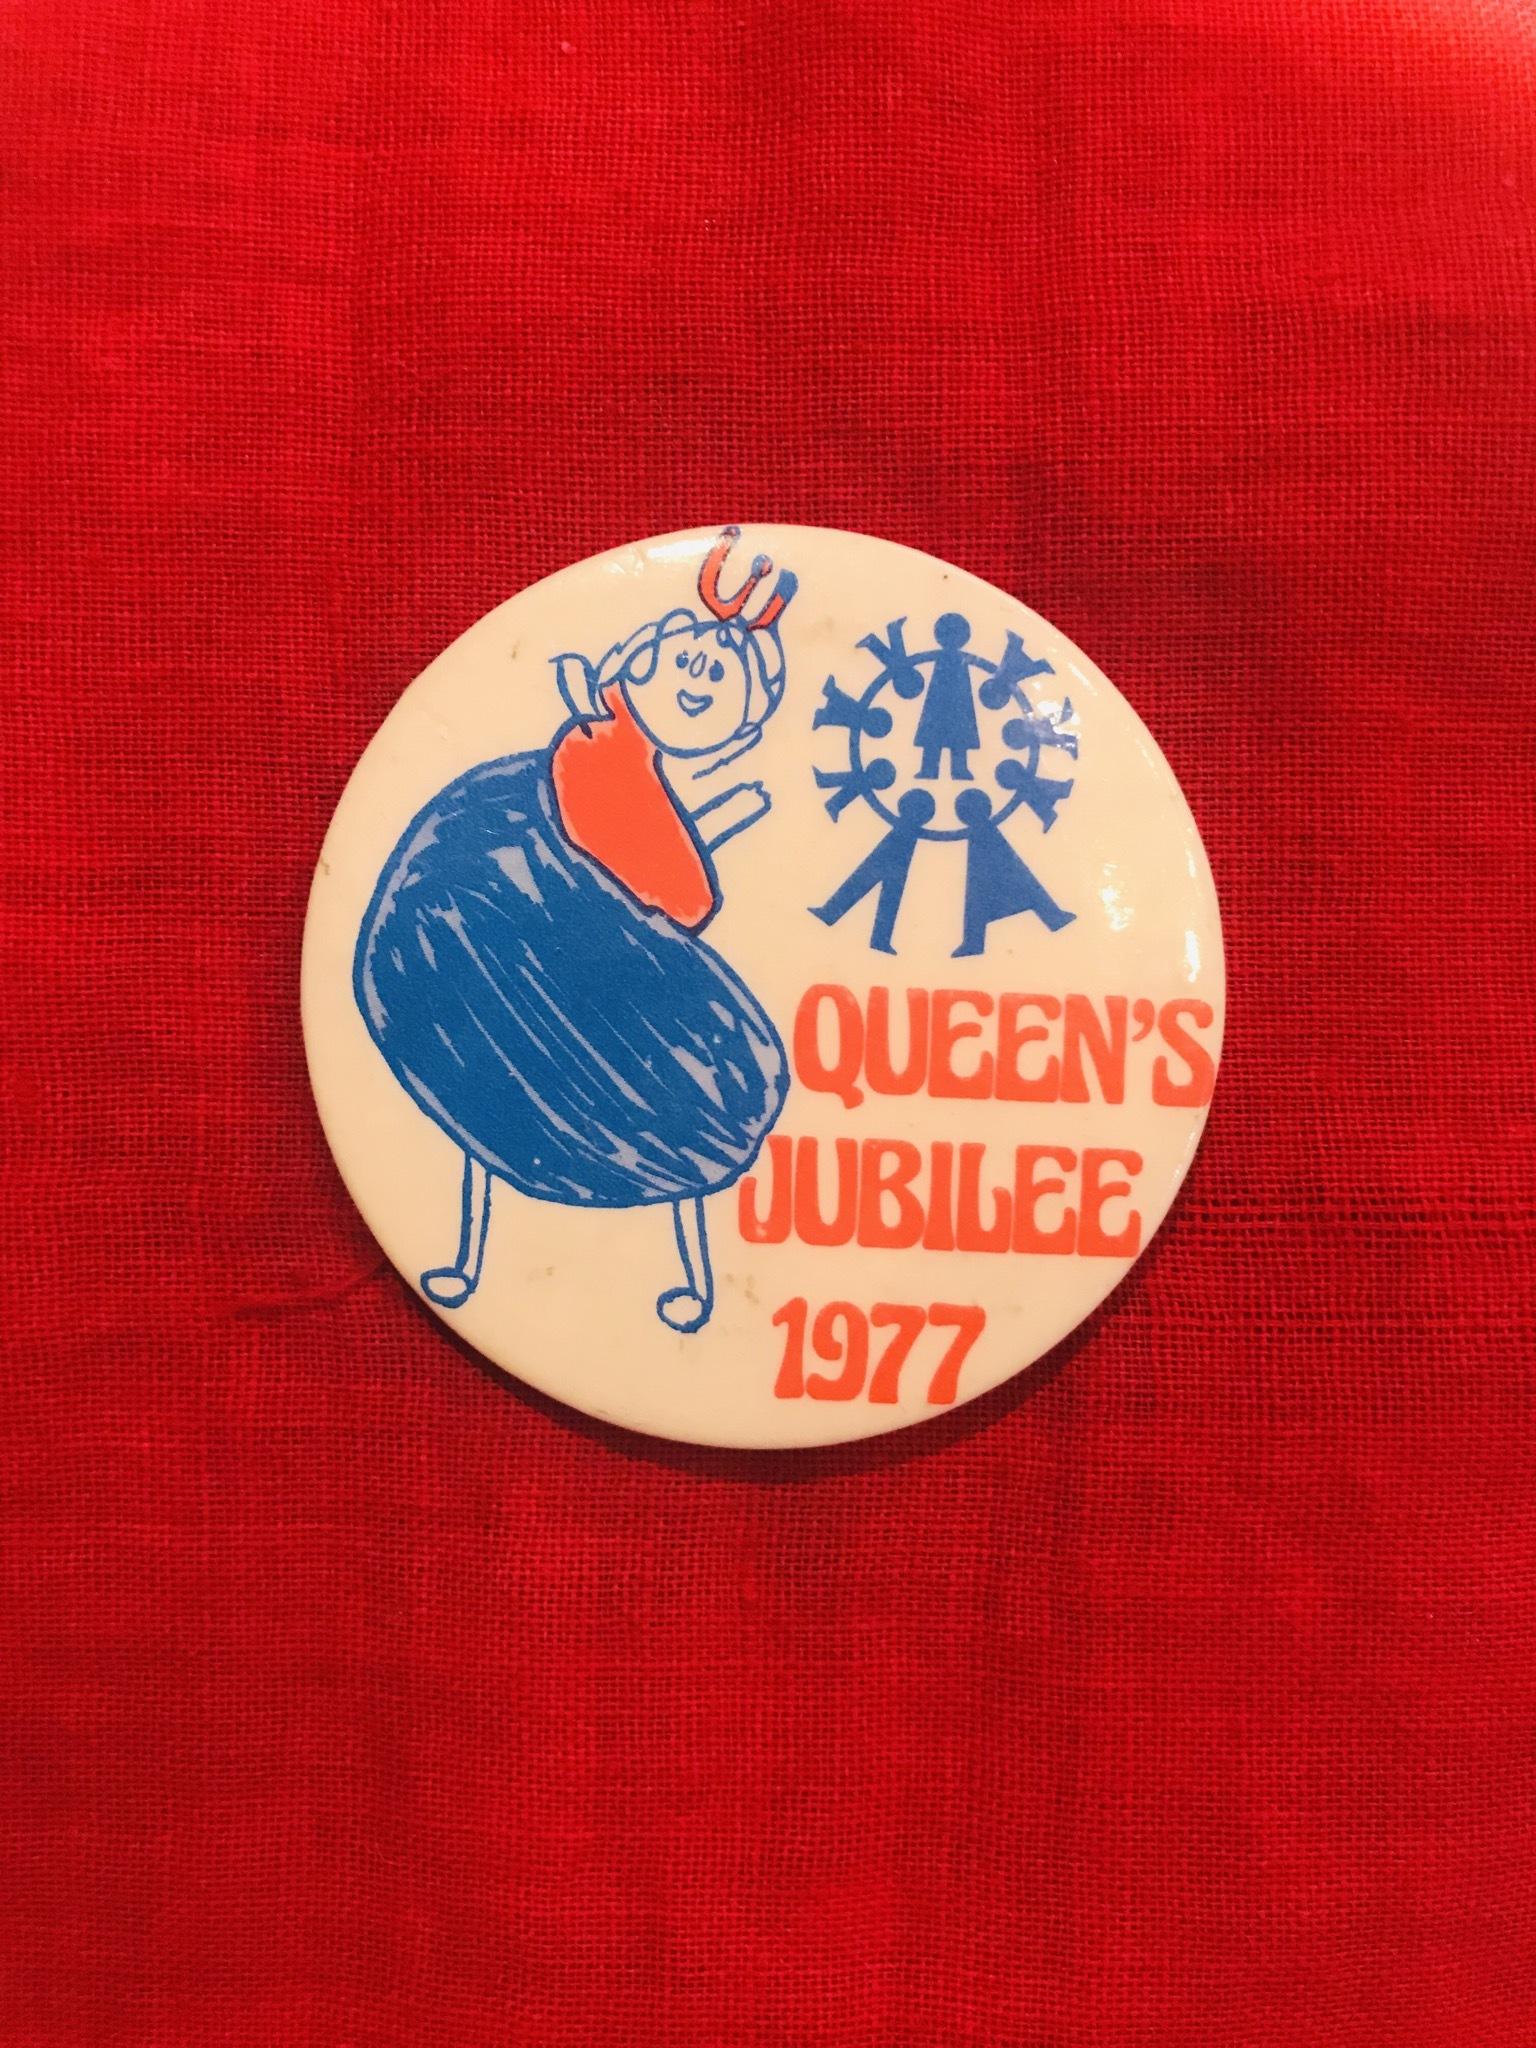 Silver Jubilee 1977 badge